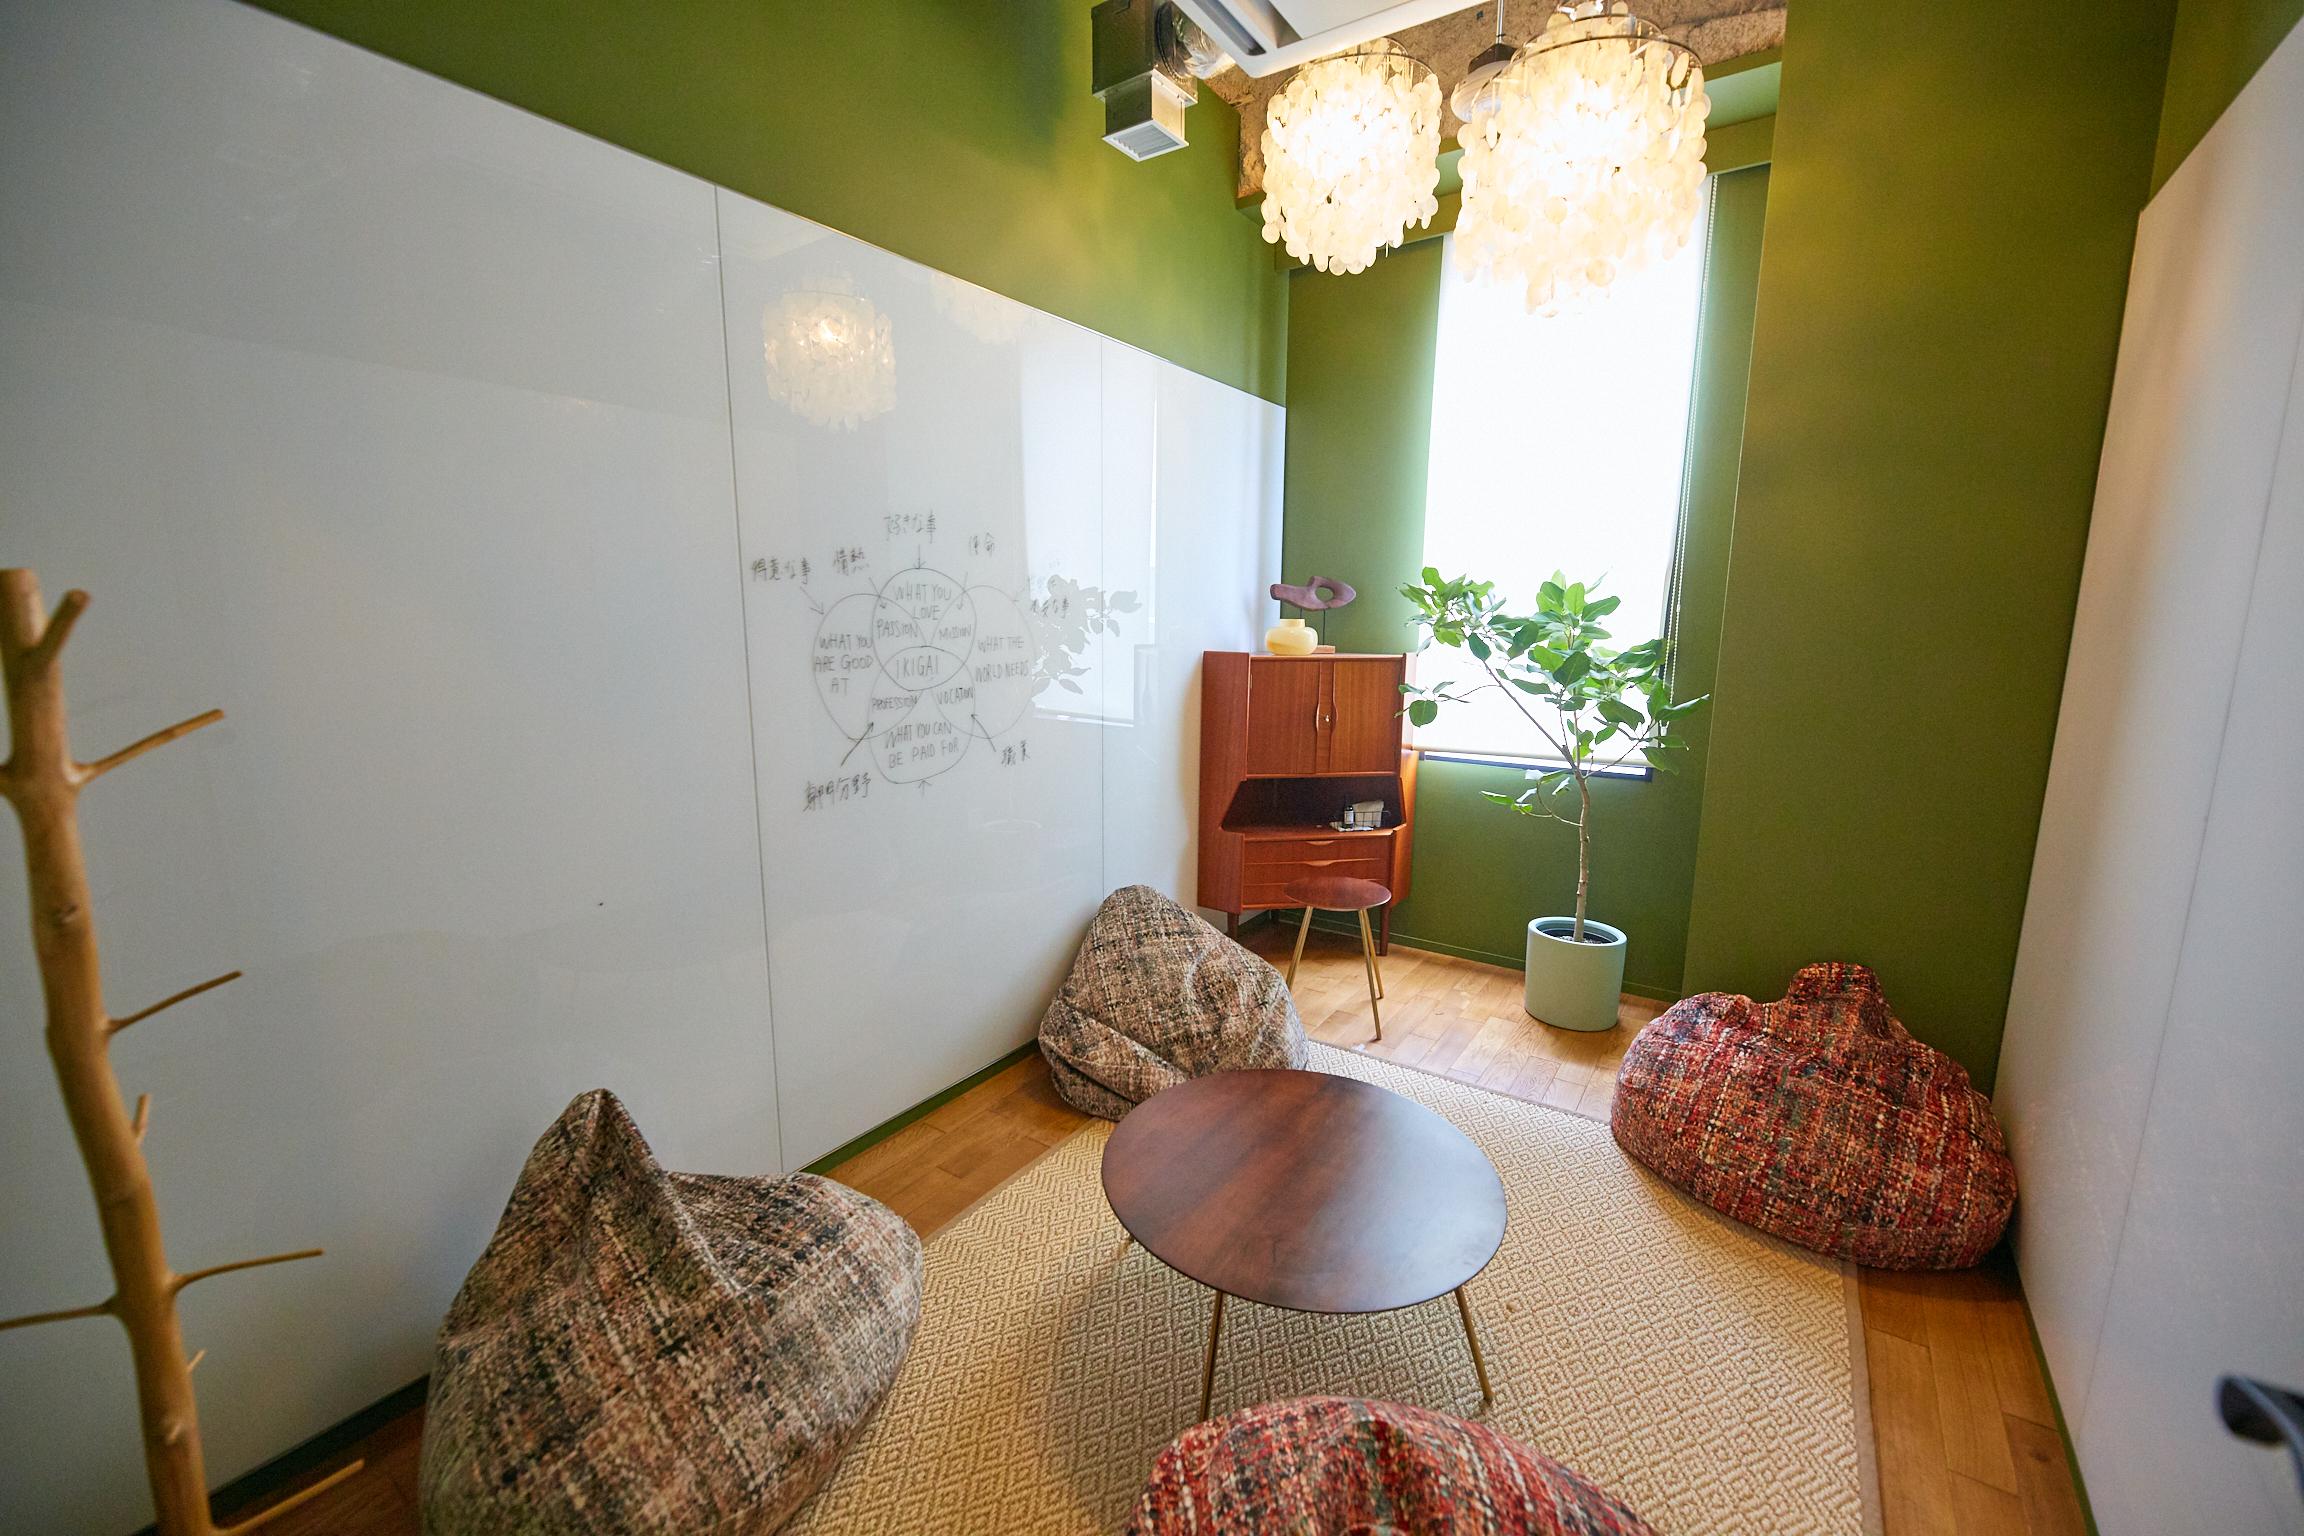 大小2種類の会議室を完備。床に座って円卓を囲える小会議室には、両サイドの壁にホワイトボードが設置されている。堅苦しくない会議室では斬新なアイデアが生まれそうだ